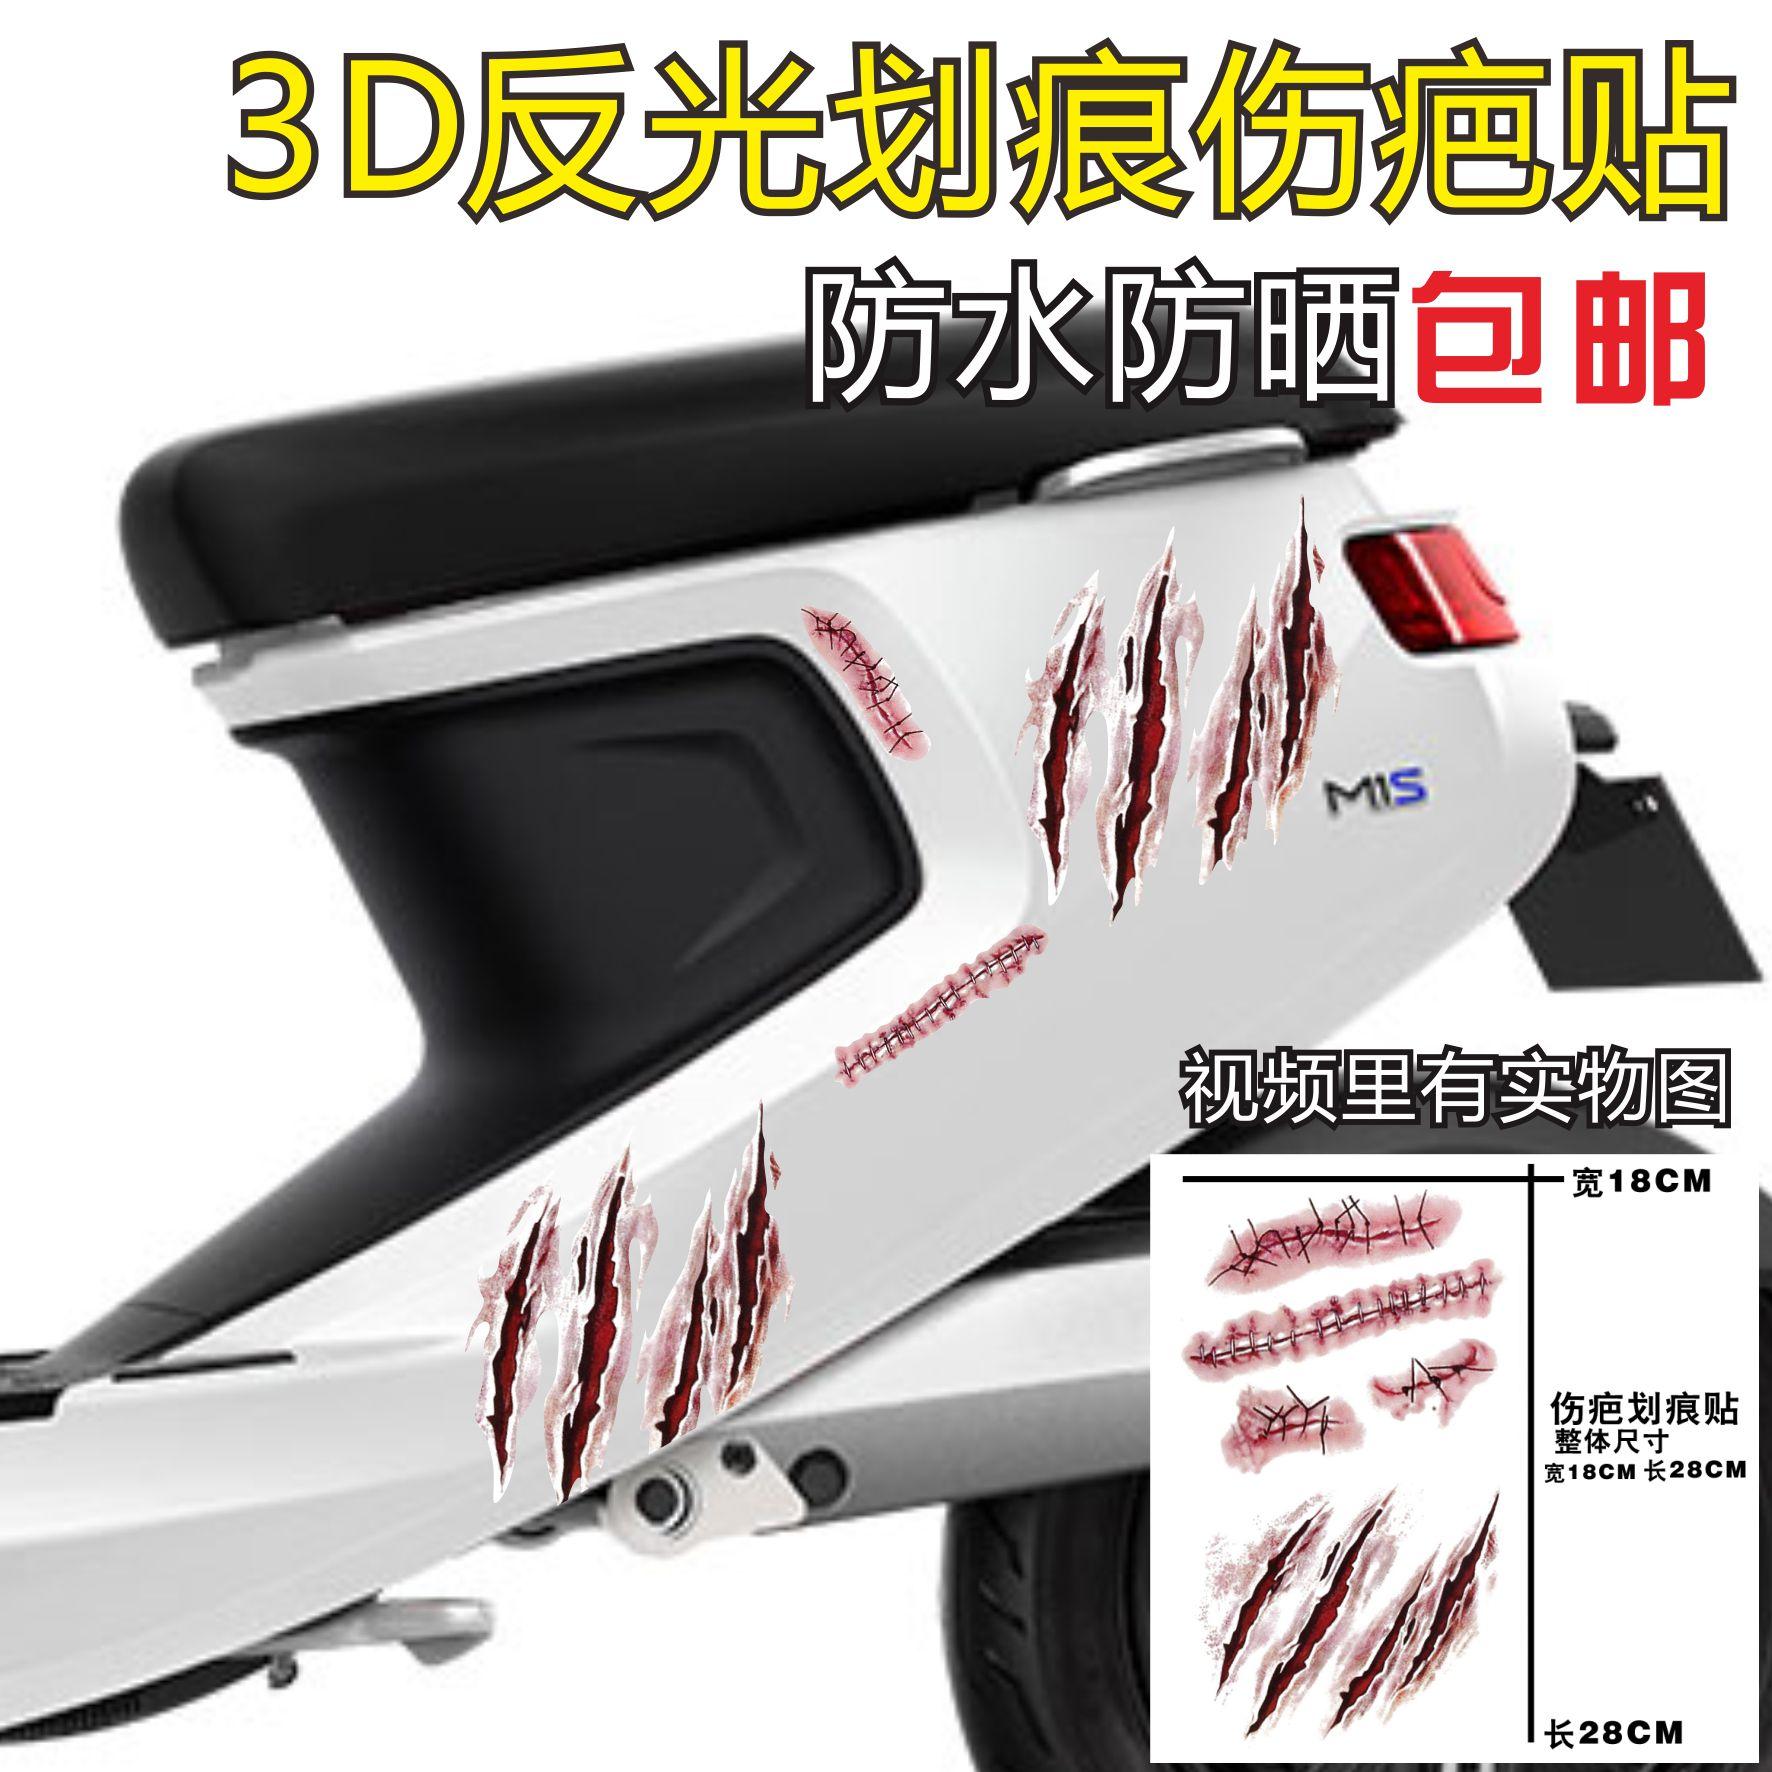 摩托车贴纸 个姓 改装装饰品鬼火改装踏板车贴 n1 电动车贴纸小牛